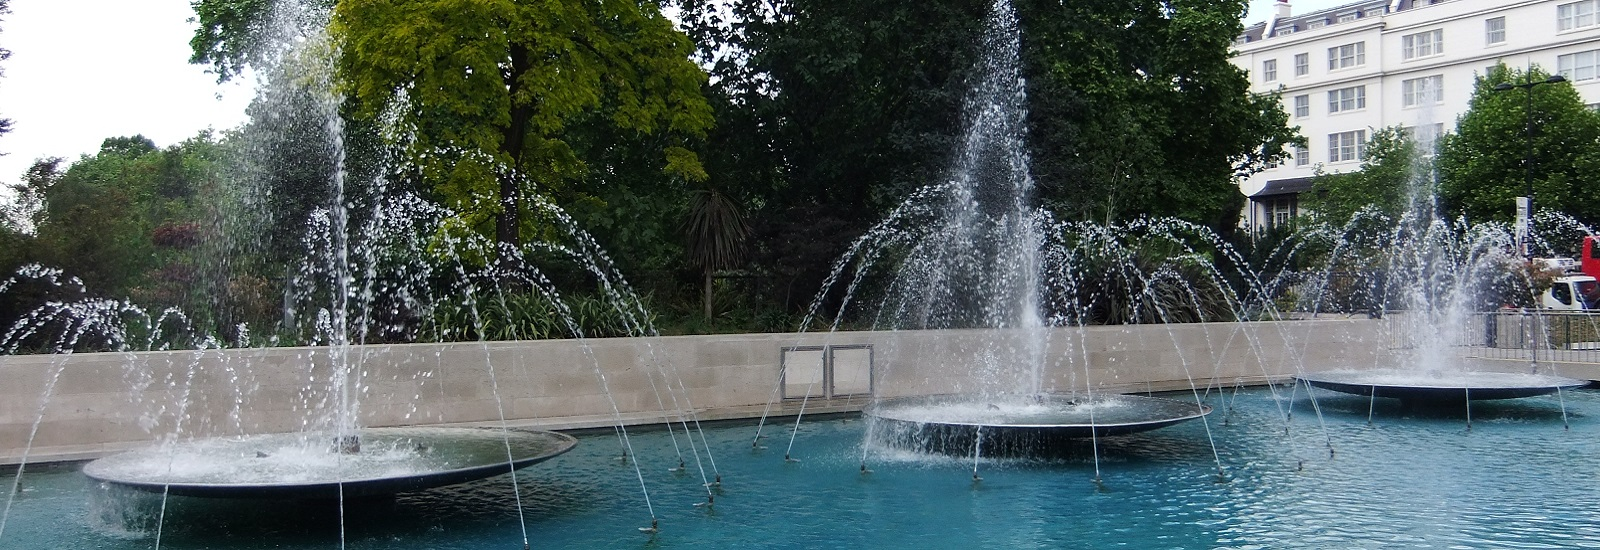 Изграждане на фонтани